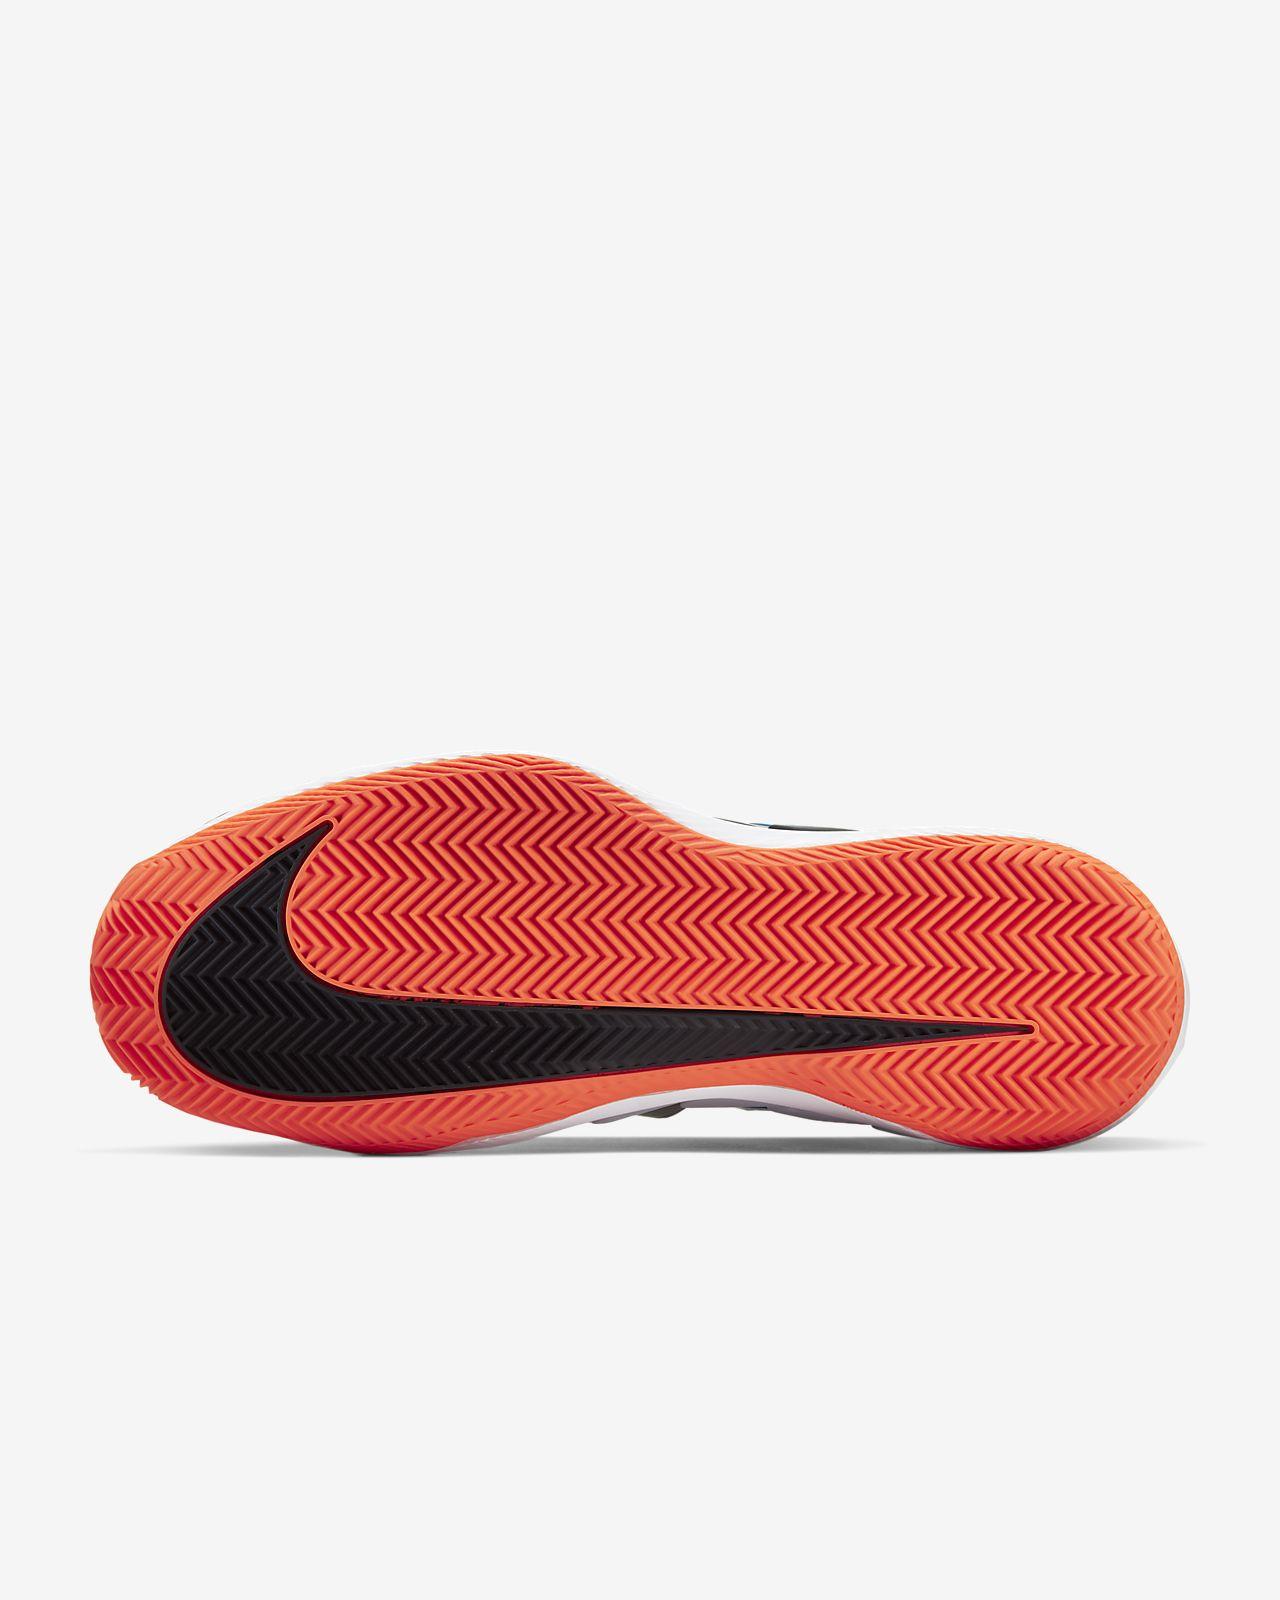 Scarpa da tennis per campi in terra rossa nikecourt air zoom